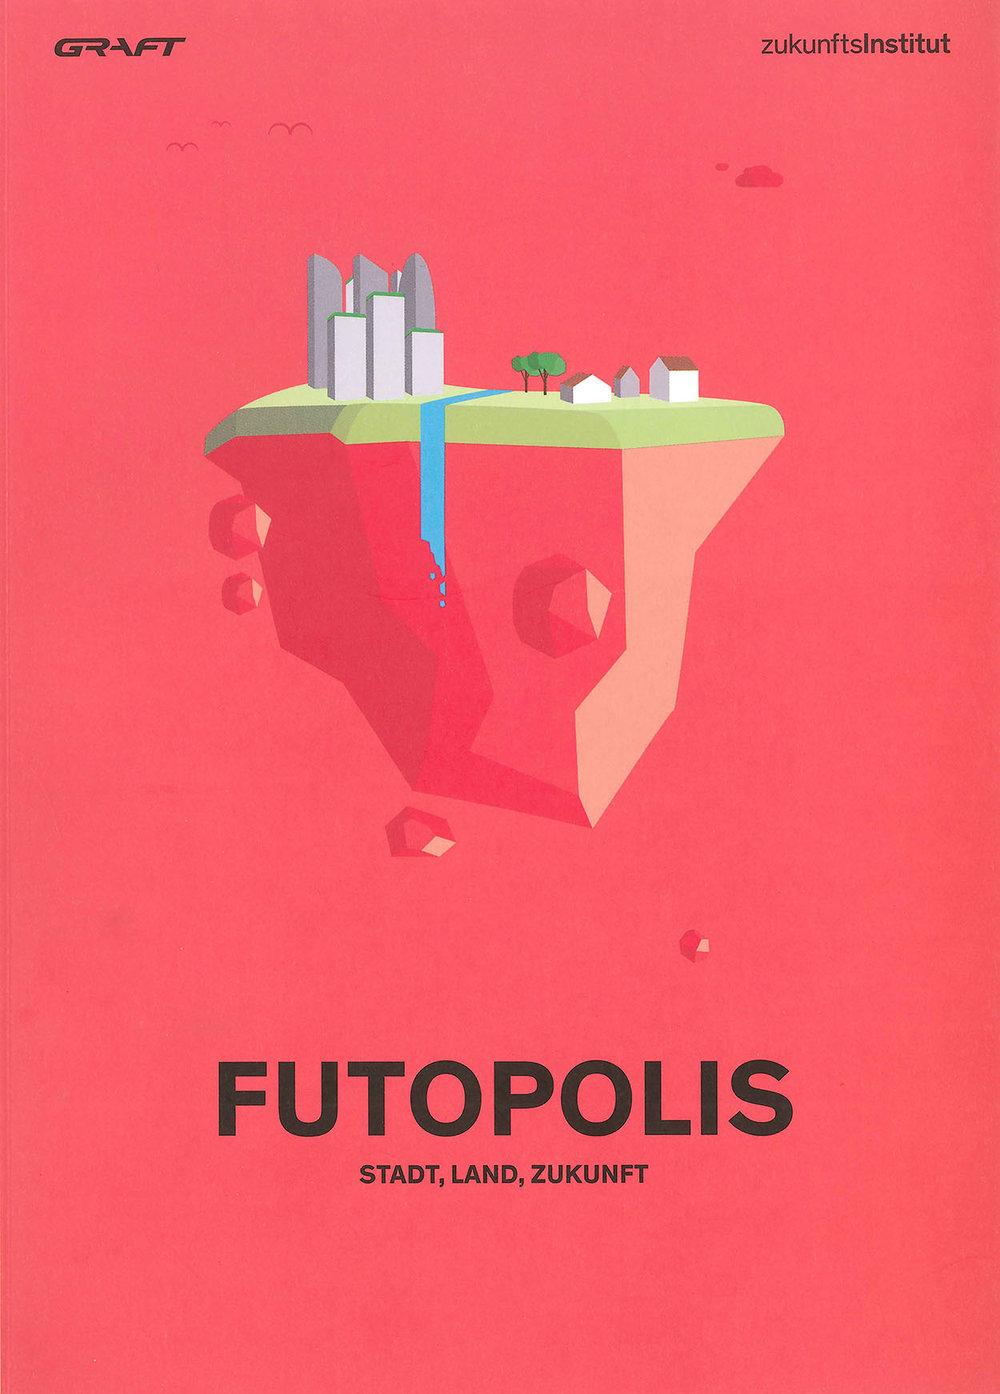 Futopolis 1.jpg